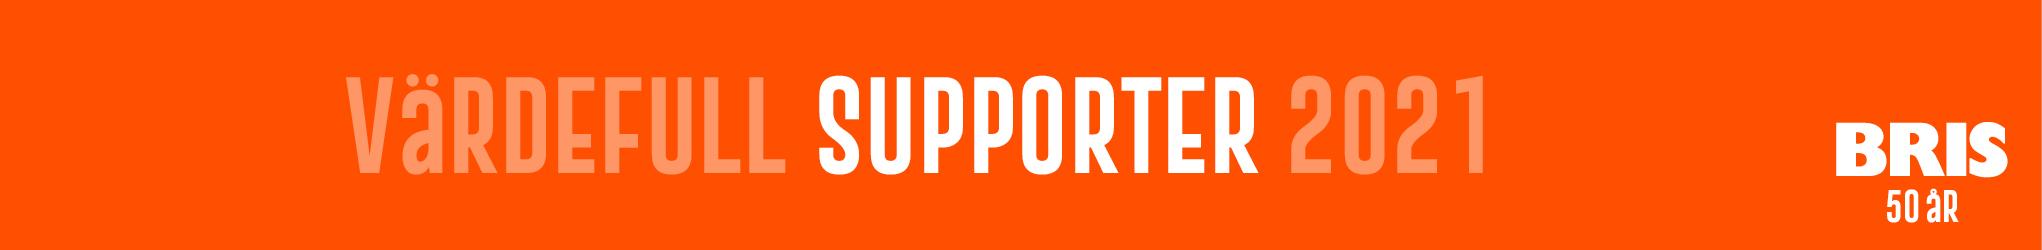 BRIS_Supporter_banner_980x120_SUPPORTER